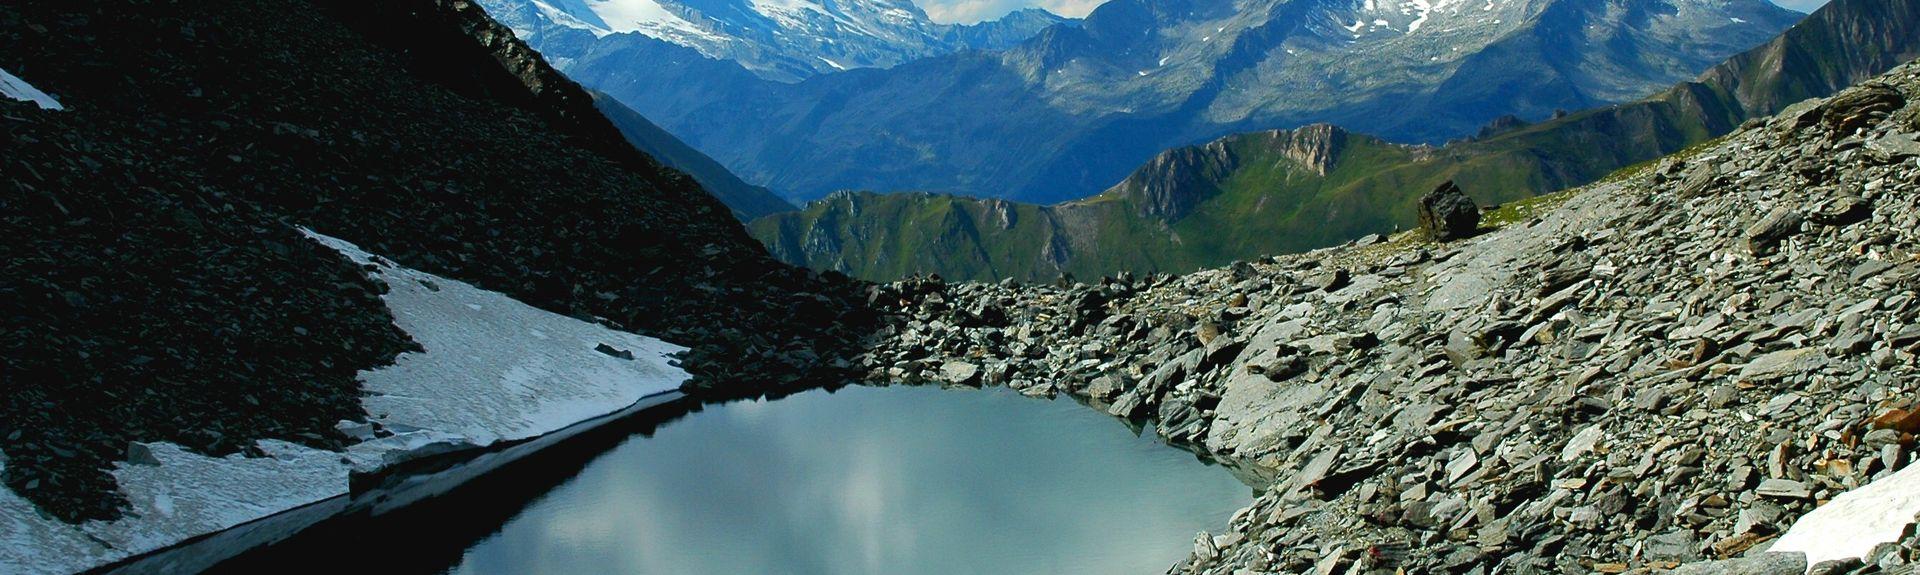 Lago di Anterselva, Rasun Anterselva, Trentino Alto Adige, Italia